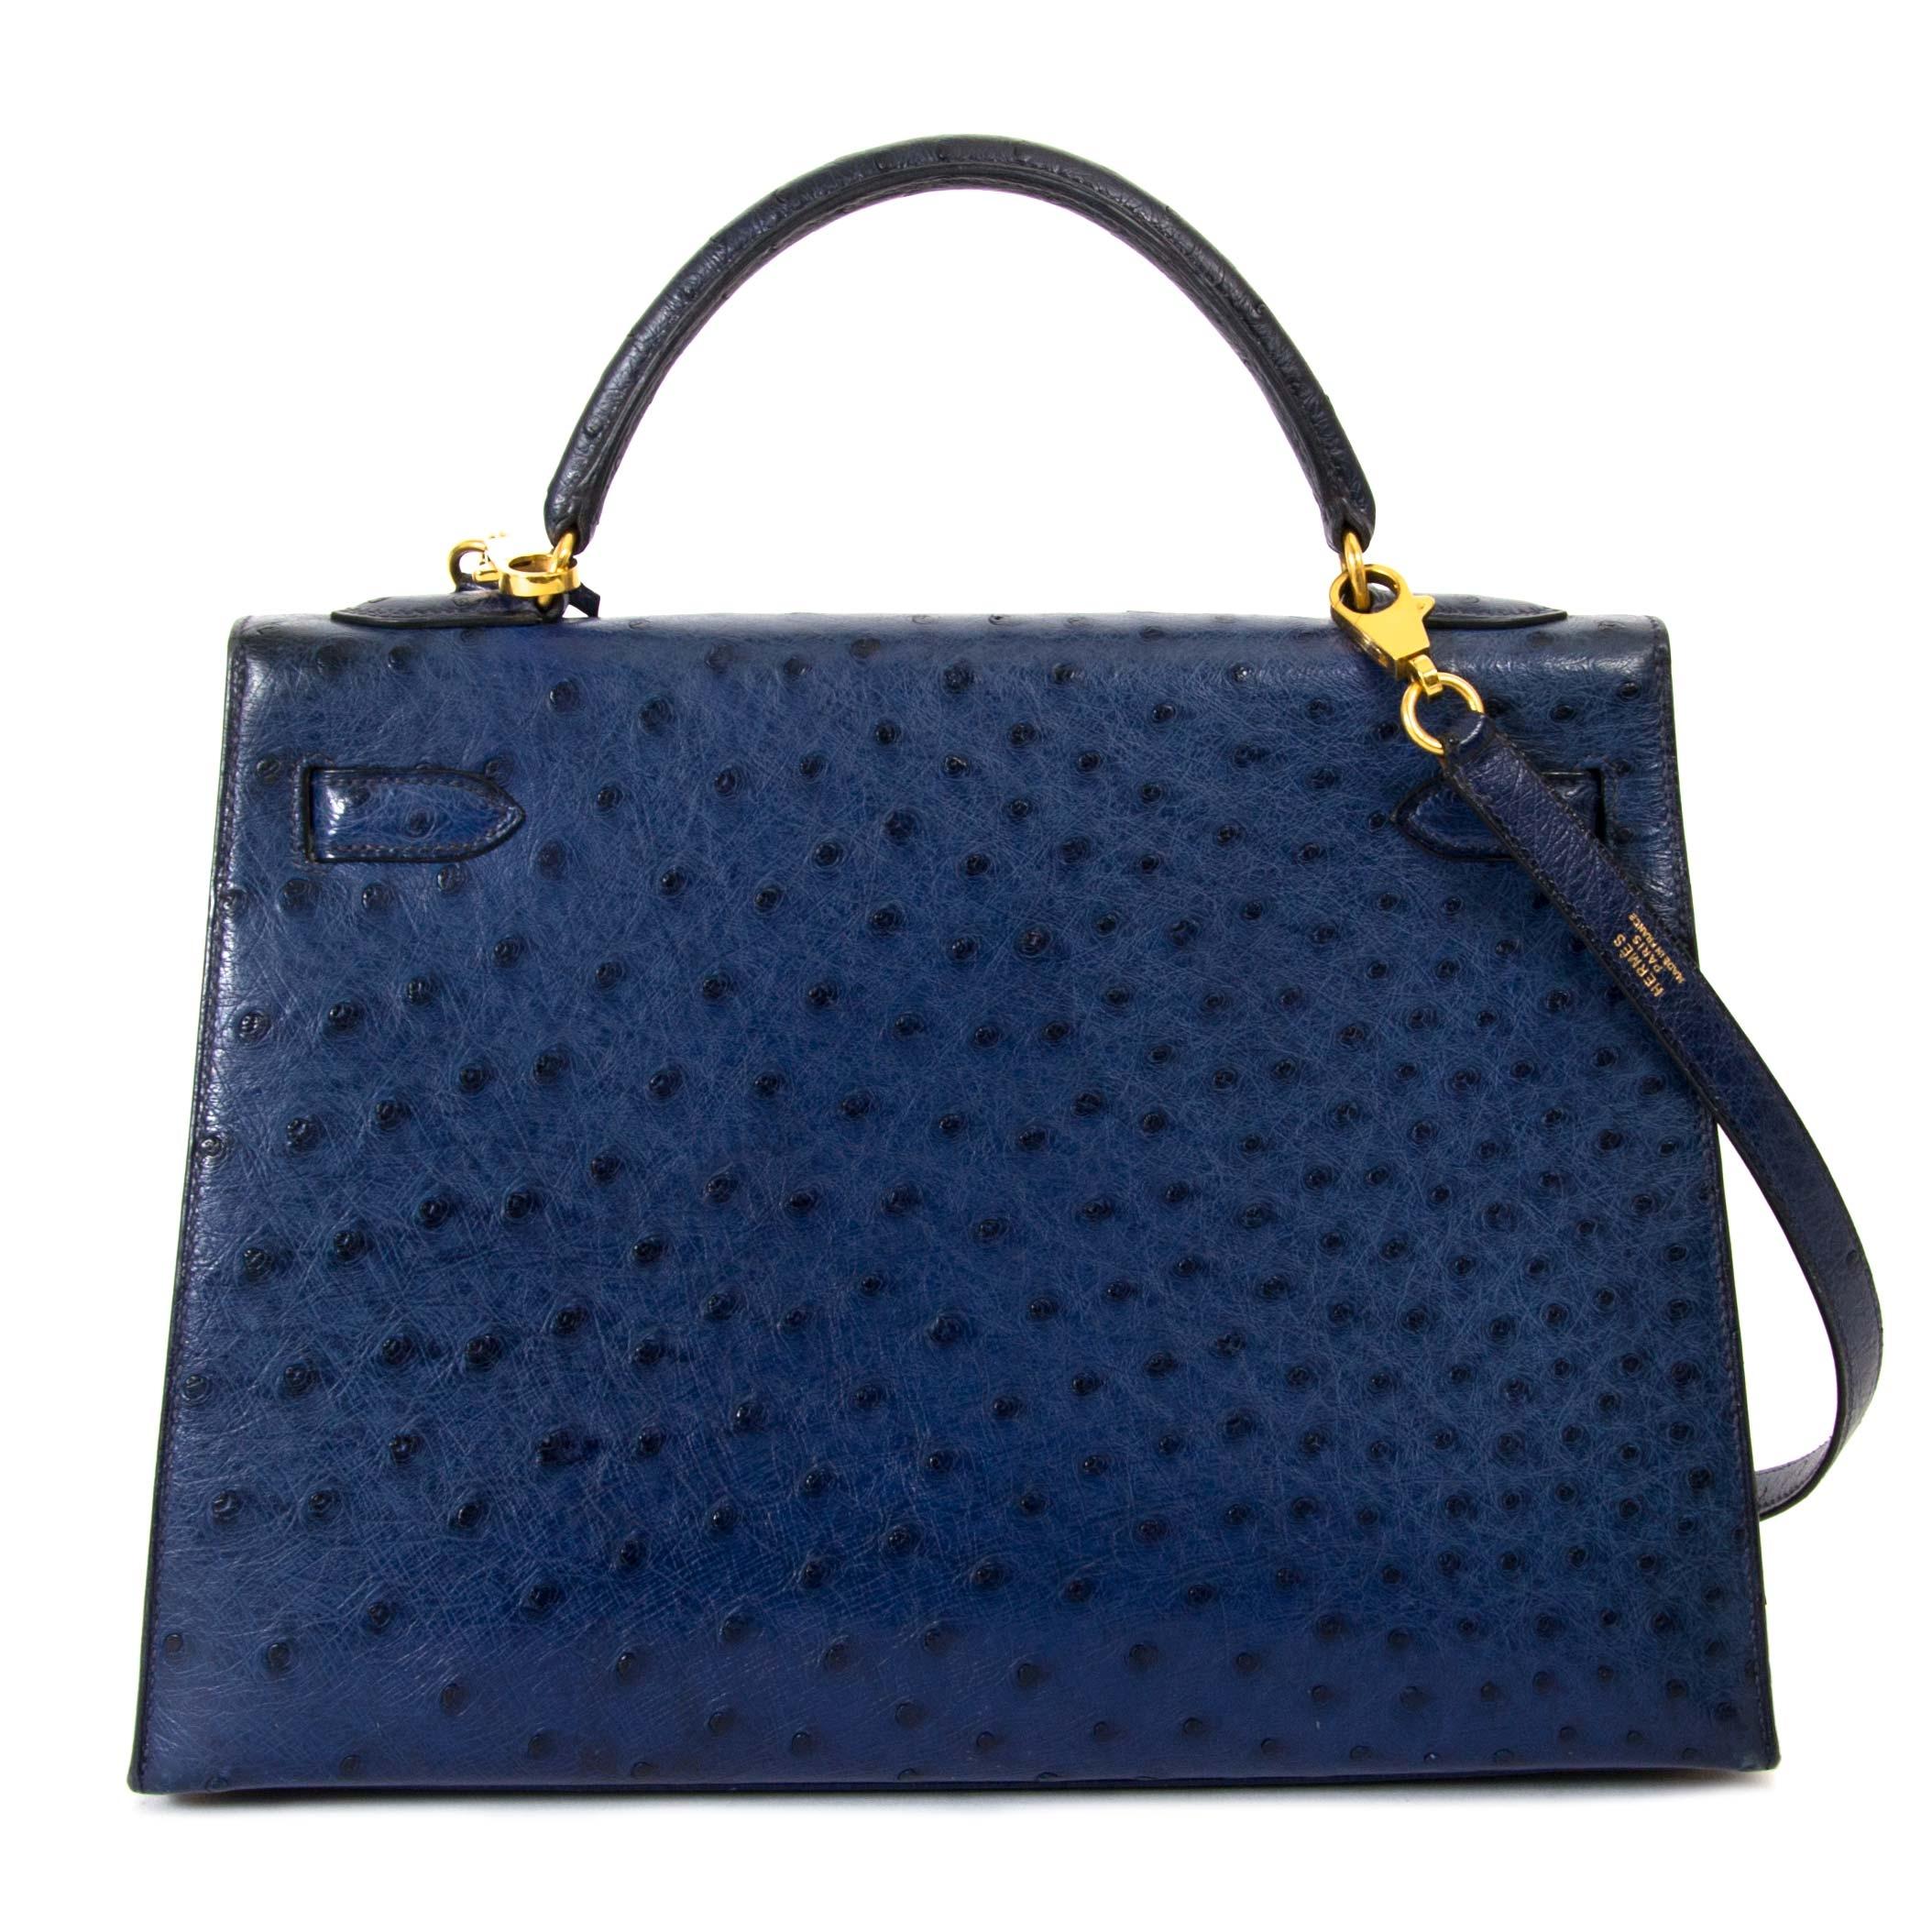 Koop uw authentieke designer handtassen en accessoires aan de beste prijs